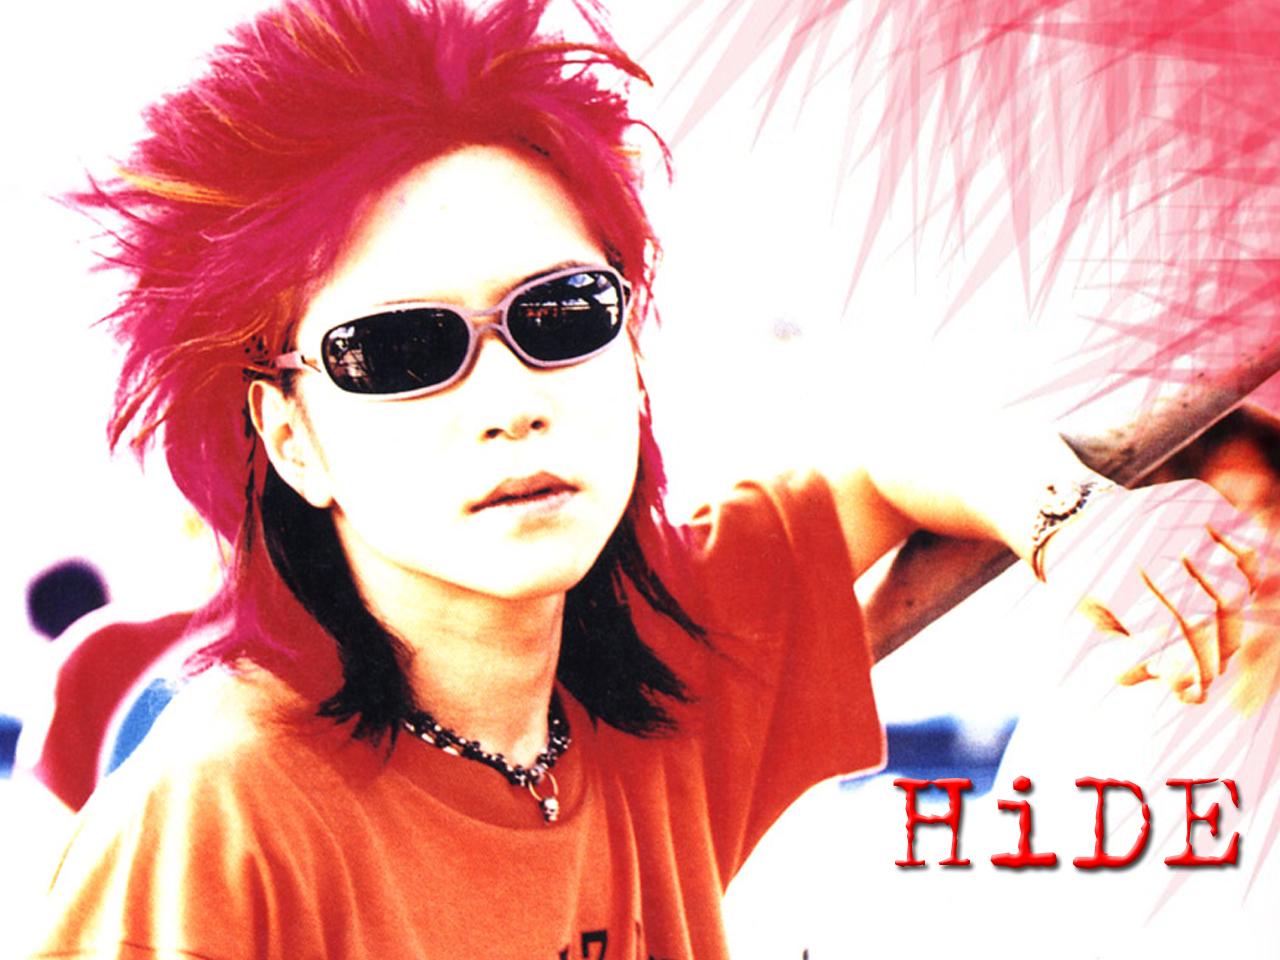 画像 X Japan hide画像集 名言集 Twitter ファン